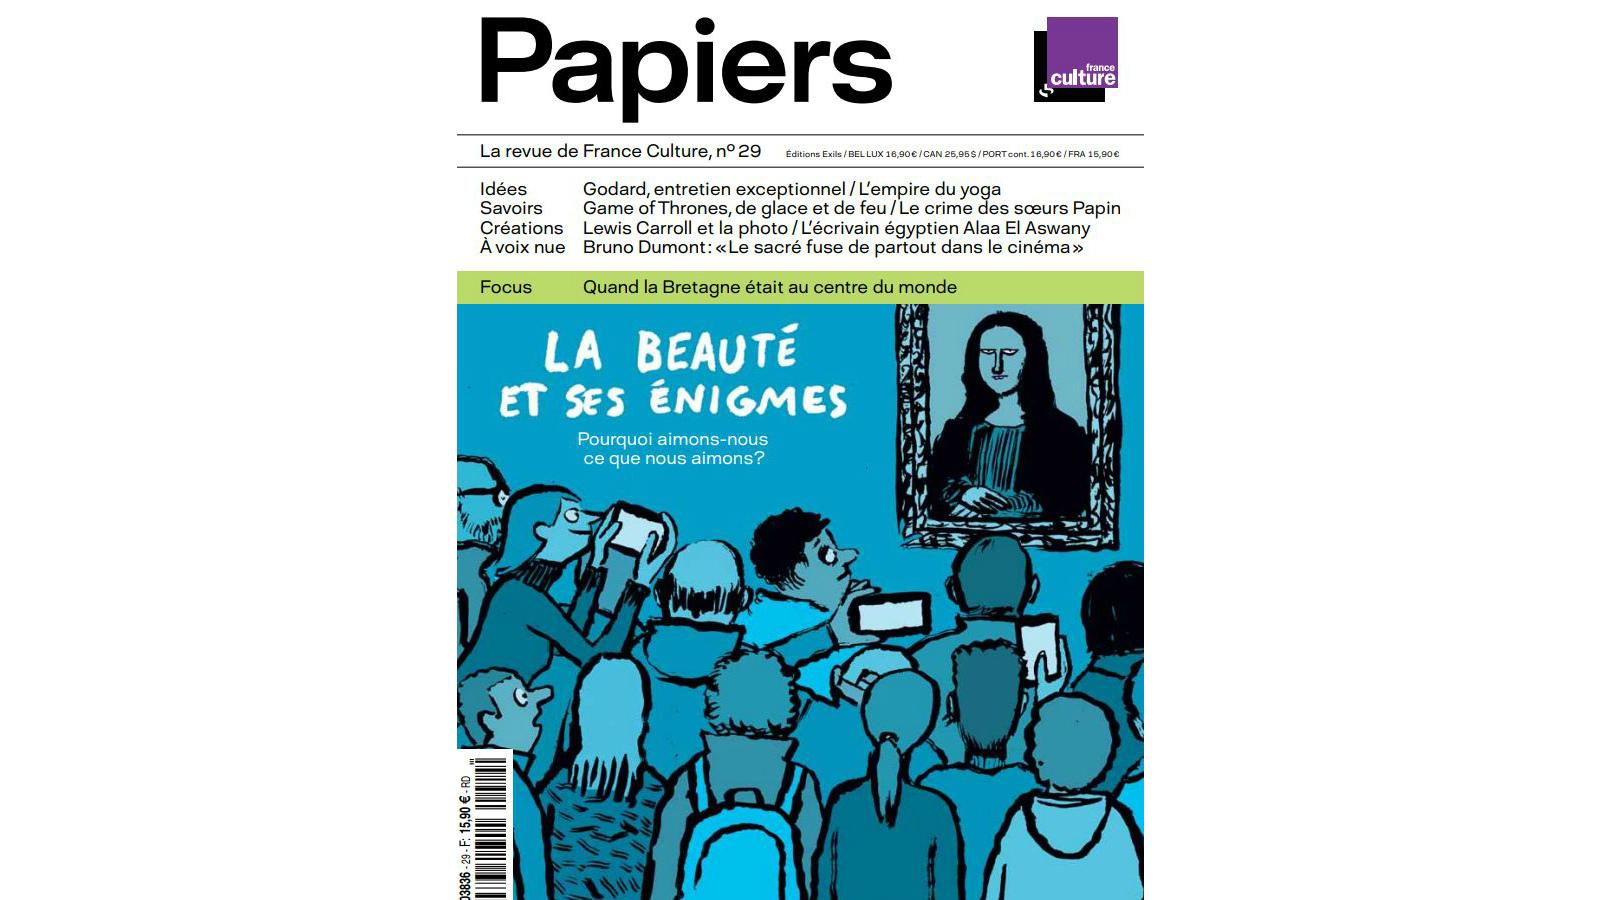 Papiers La Revue De France Culture La Beaute Et Ses Enigmes